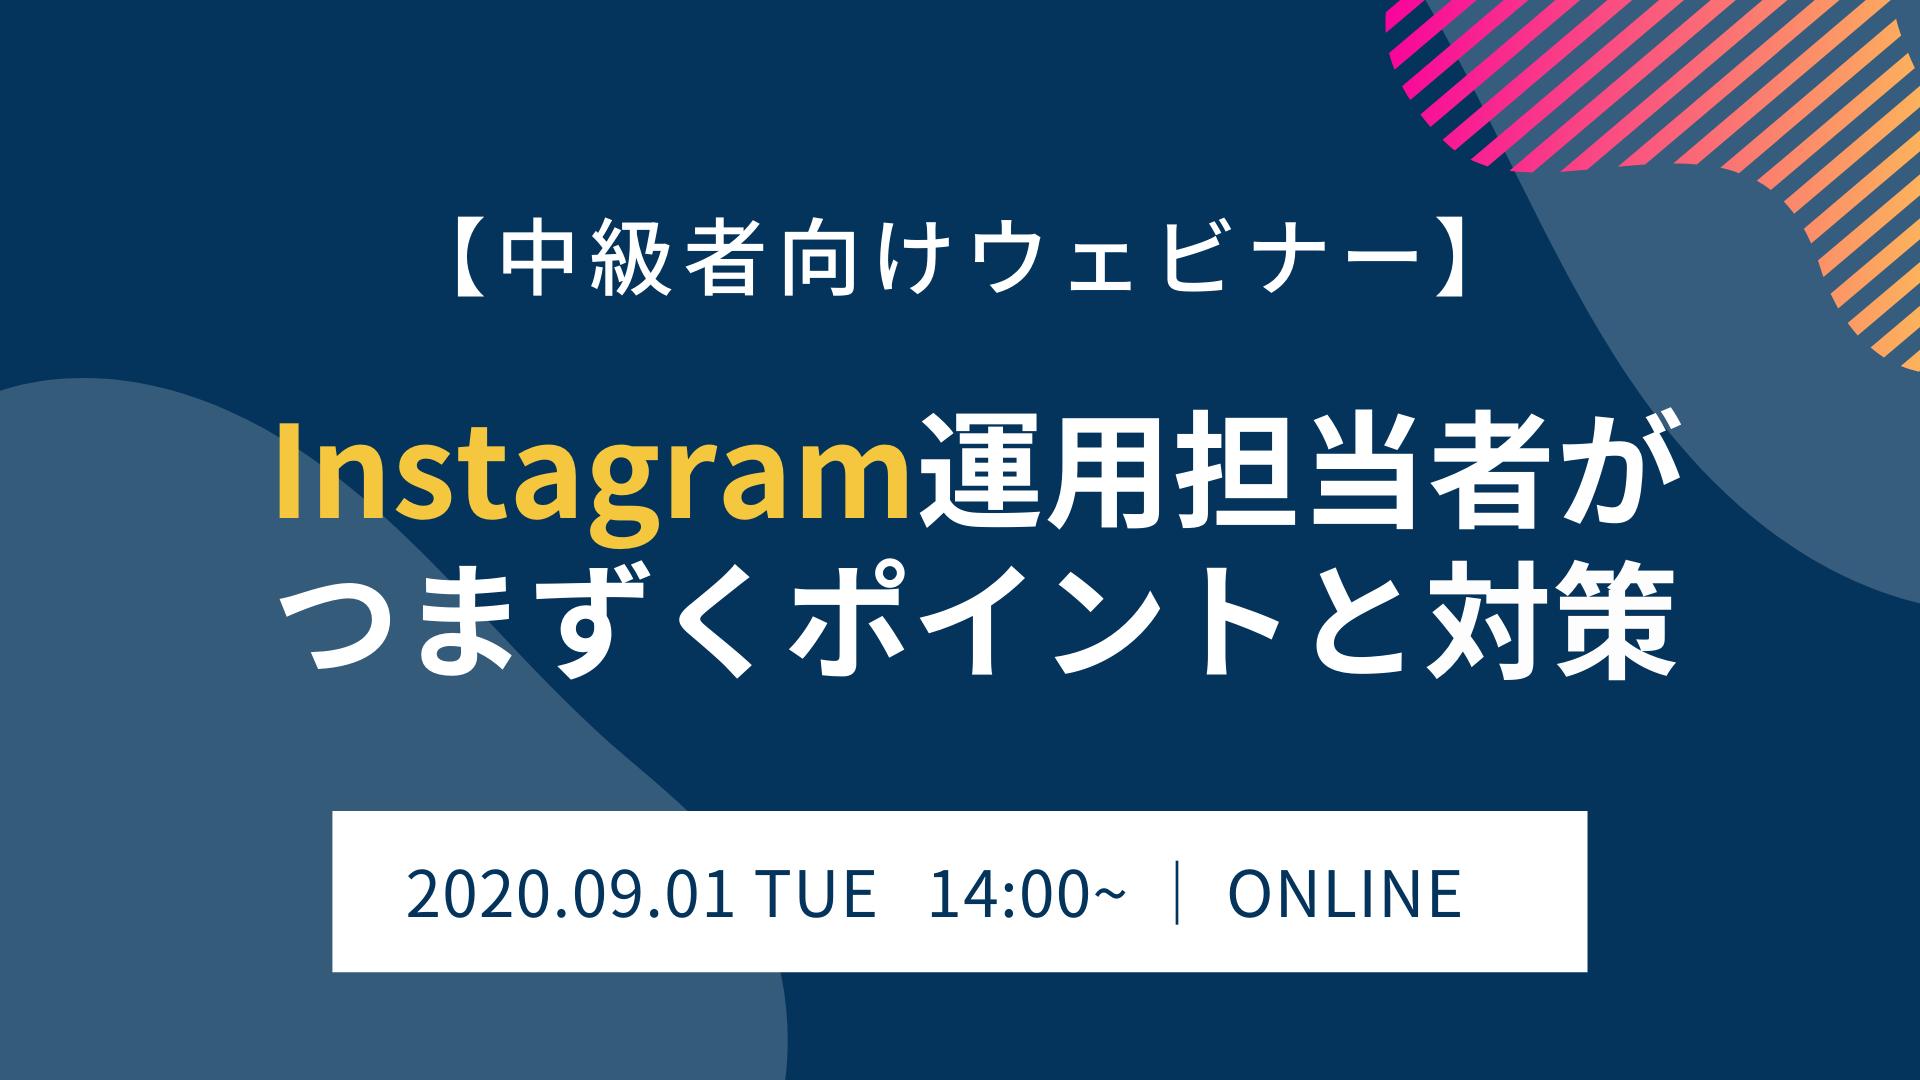 (受付終了)【中級者向けウェビナー】Instagram運用担当者がつまずくポイントと対策